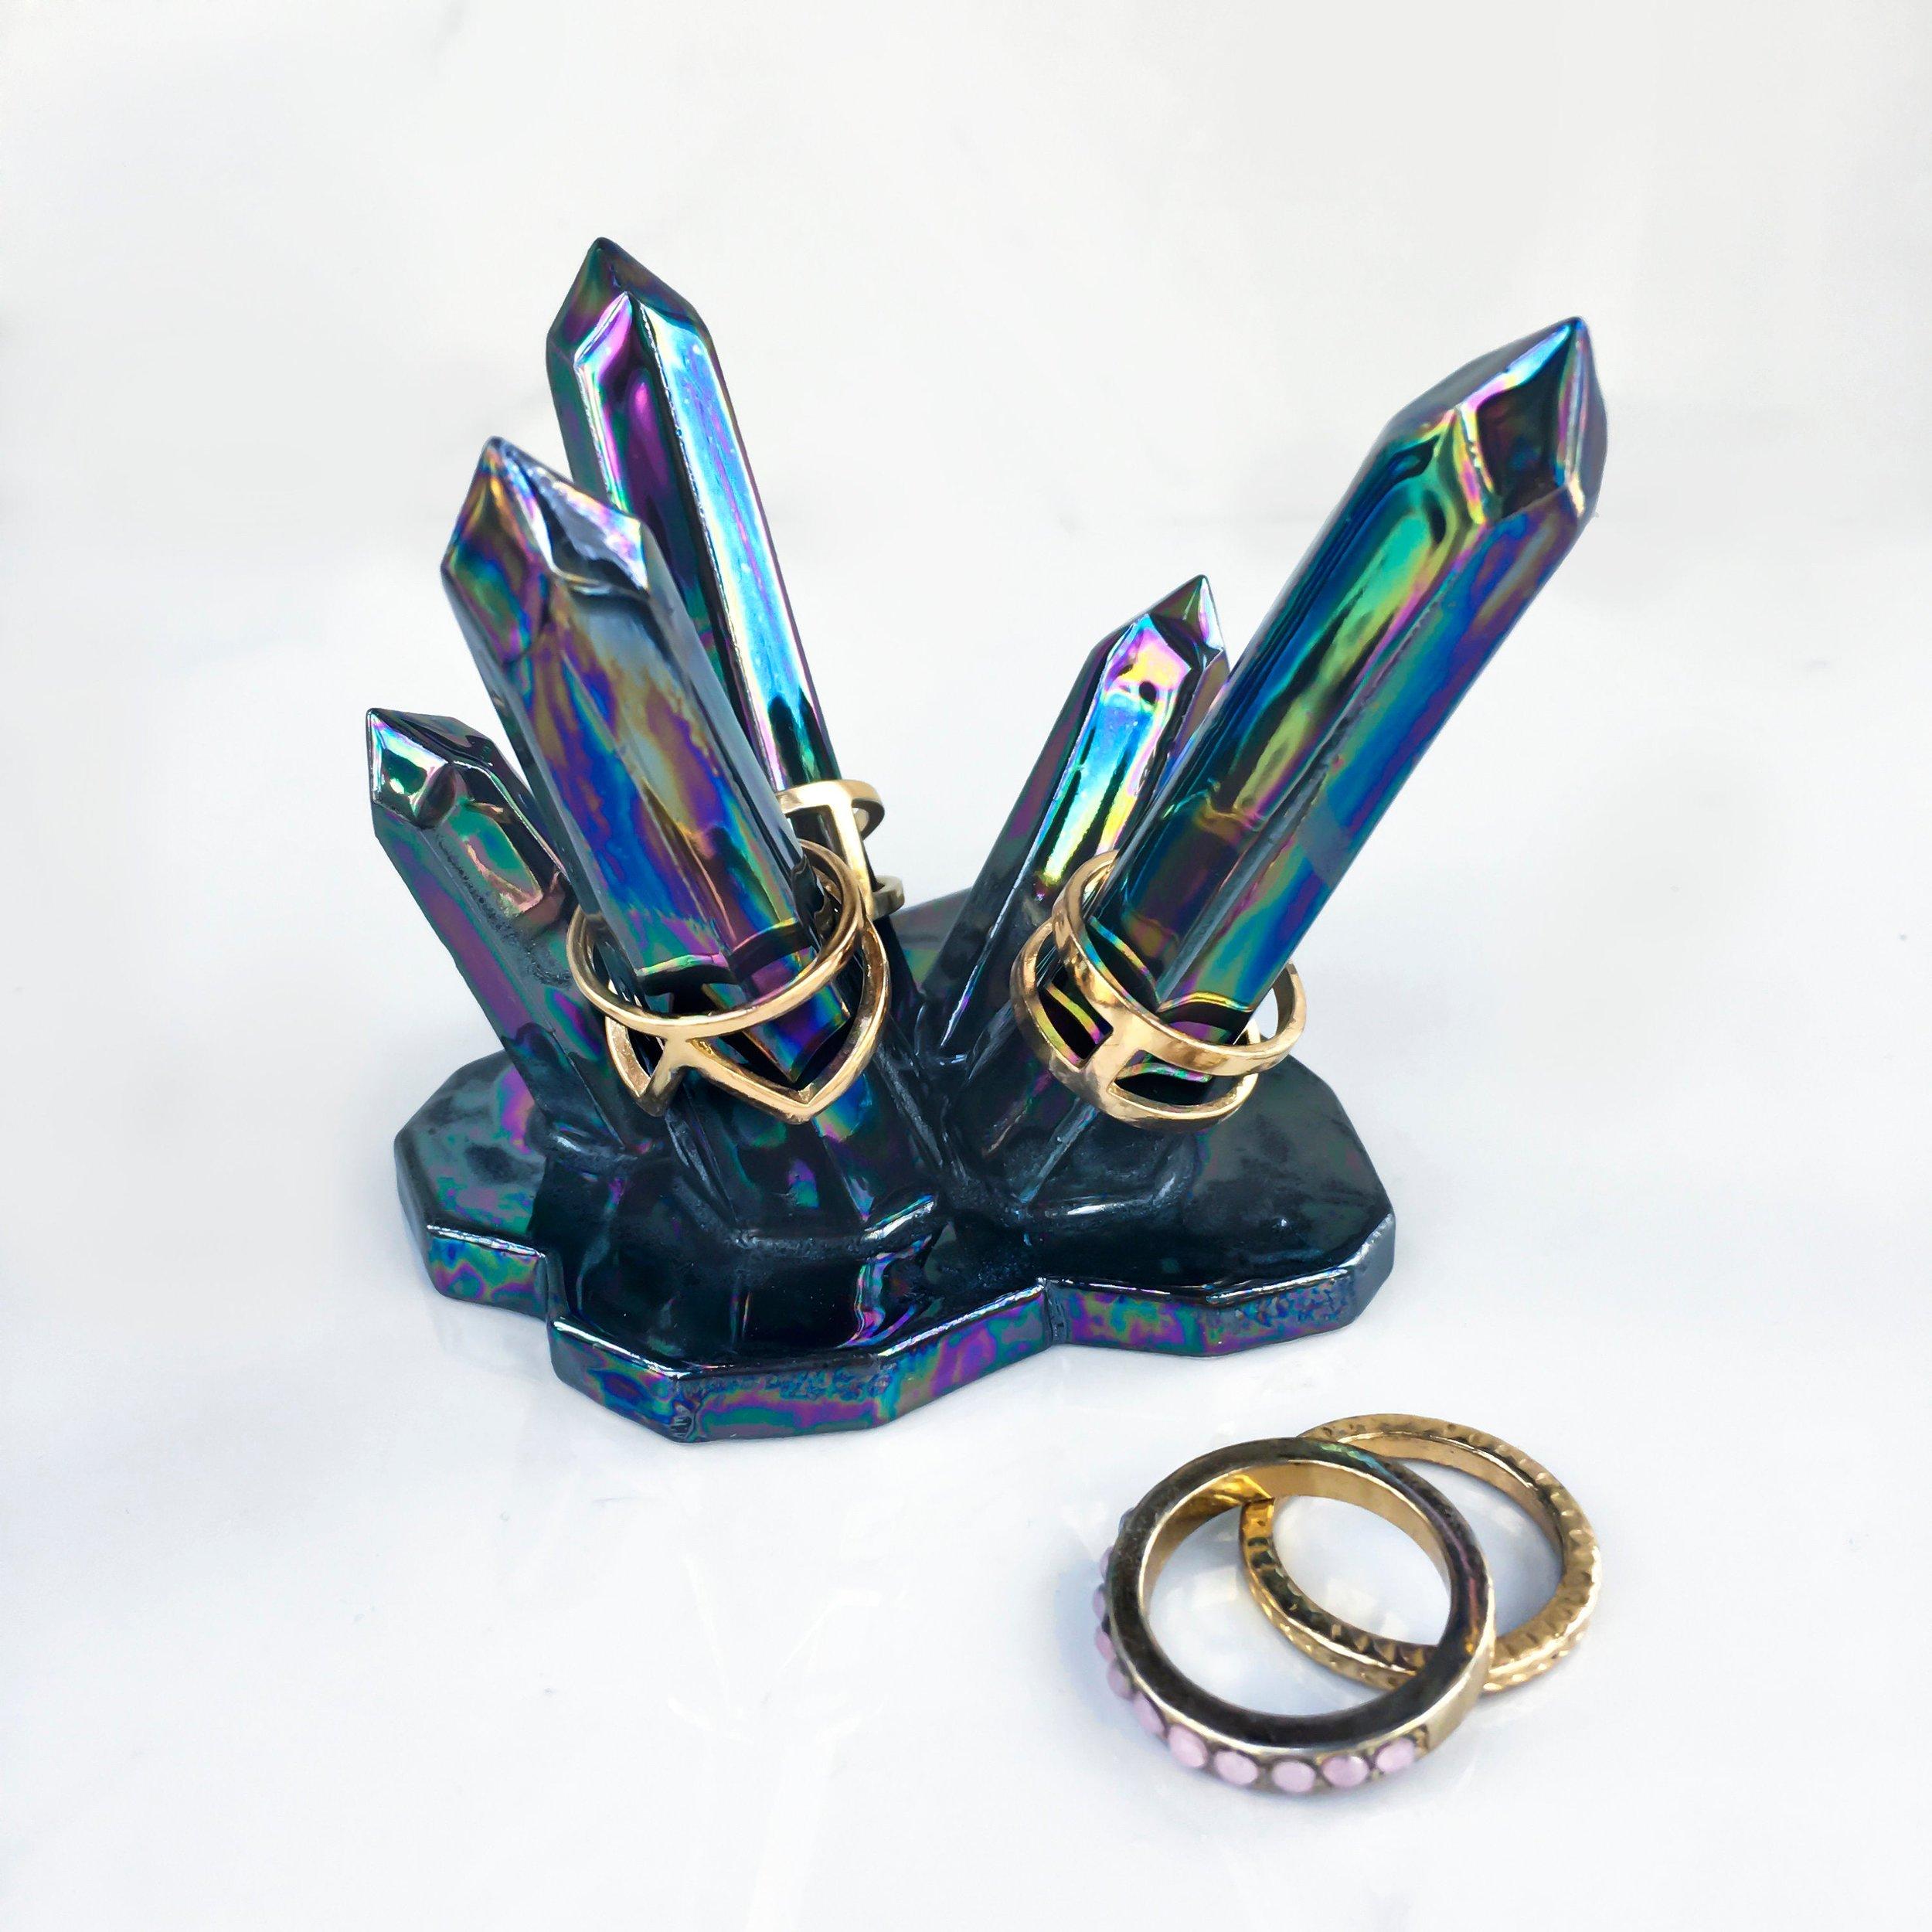 Aura Crystal Wedding Ring Holder by Modern Mud